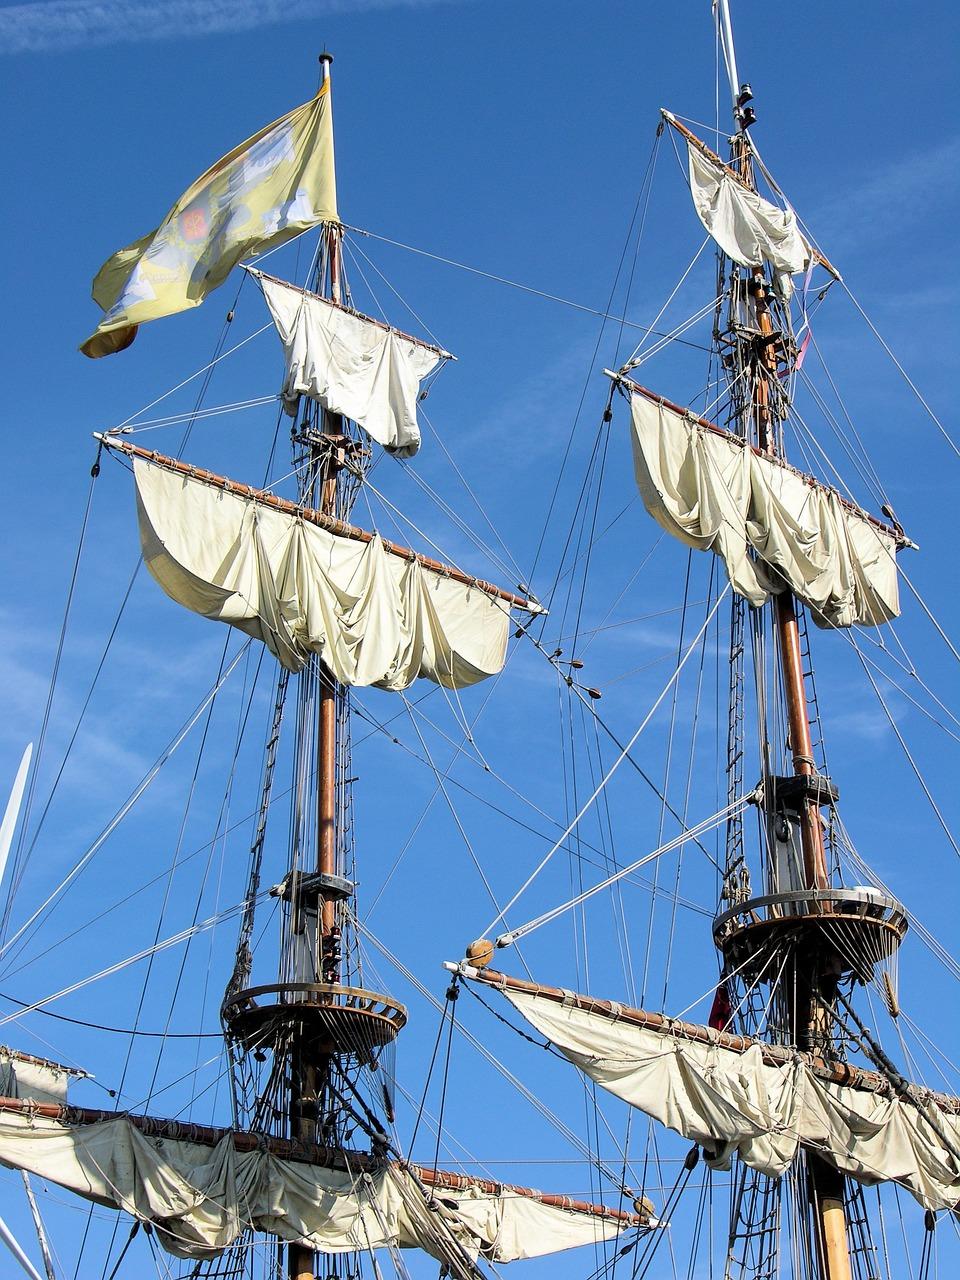 тут есть поднятые паруса на корабле фото польский крест